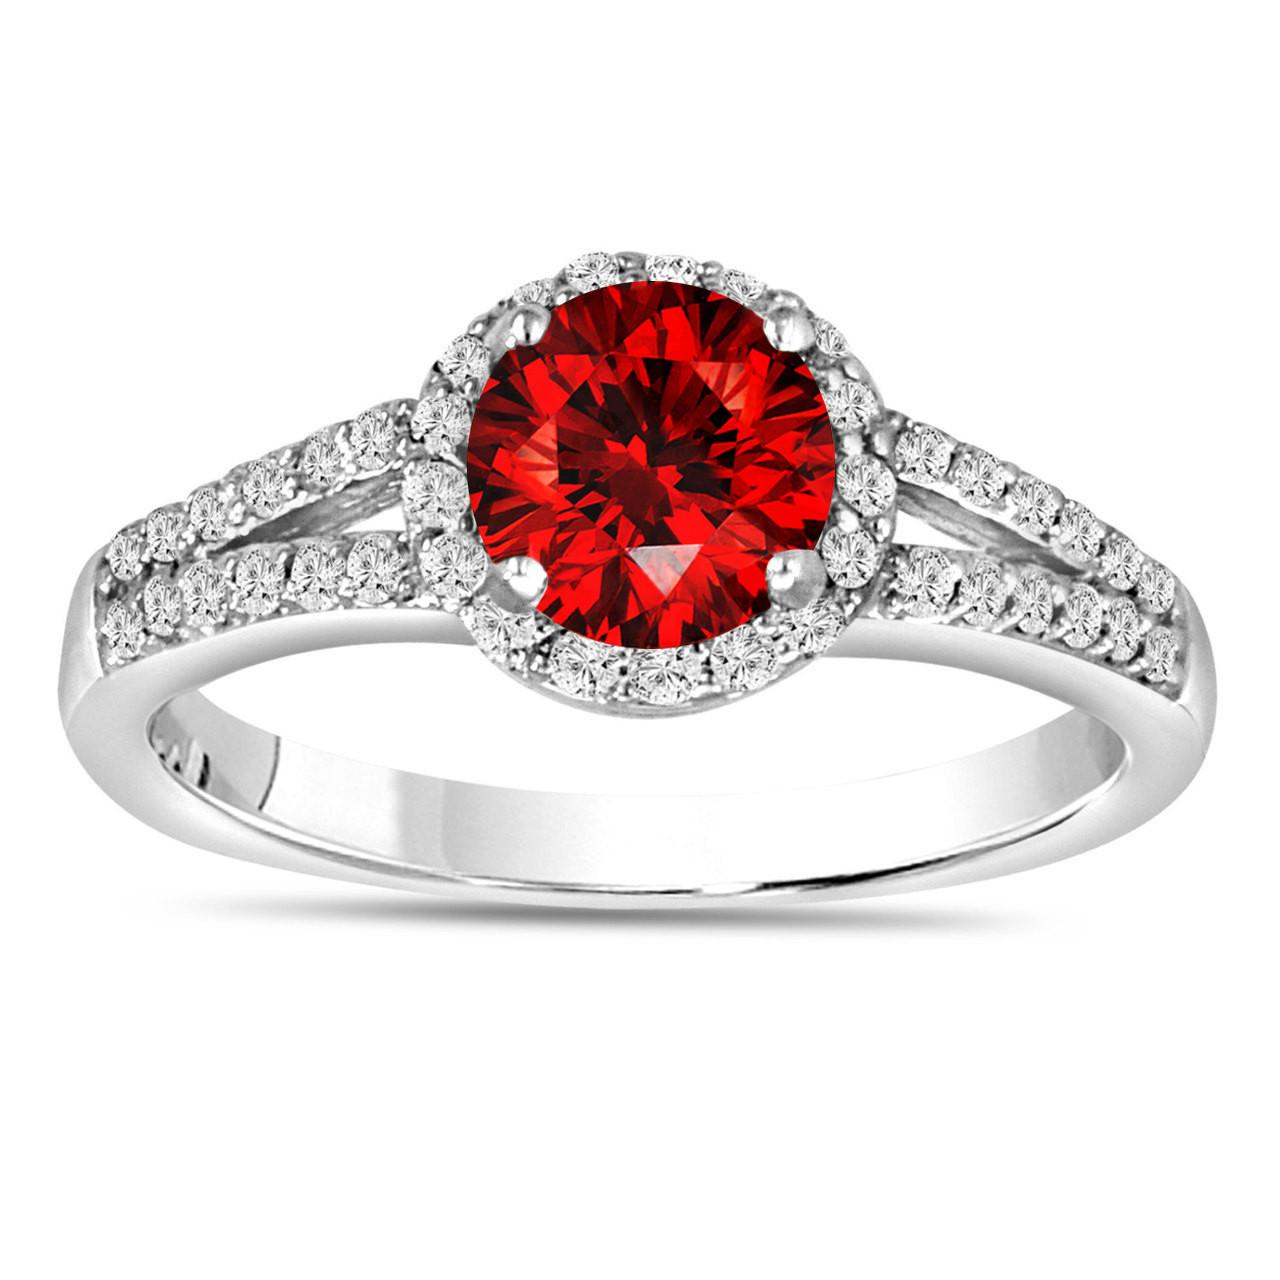 100 Carat Fancy Red Diamond Engagement Ring 14k White. Samantha Engagement Rings. Woman Price Rings. Push Present Wedding Rings. Witch King Rings. Tanzanite Wedding Rings. Halo Setting Rings. Bat Rings. Woman Set Wedding Rings